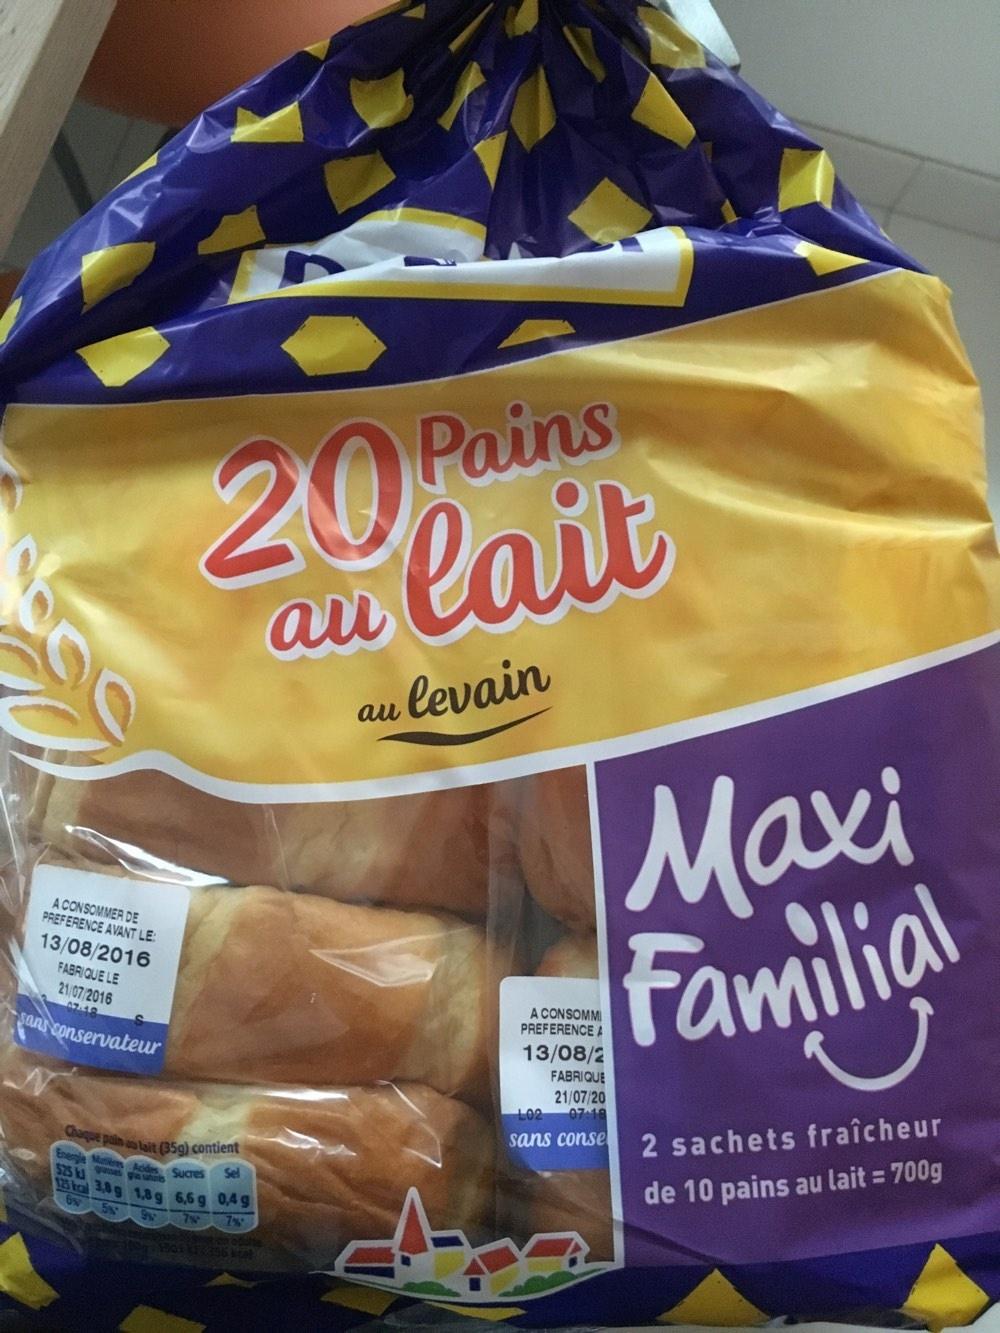 20 Pains au lait au levain (Maxi Familial) - Product - fr